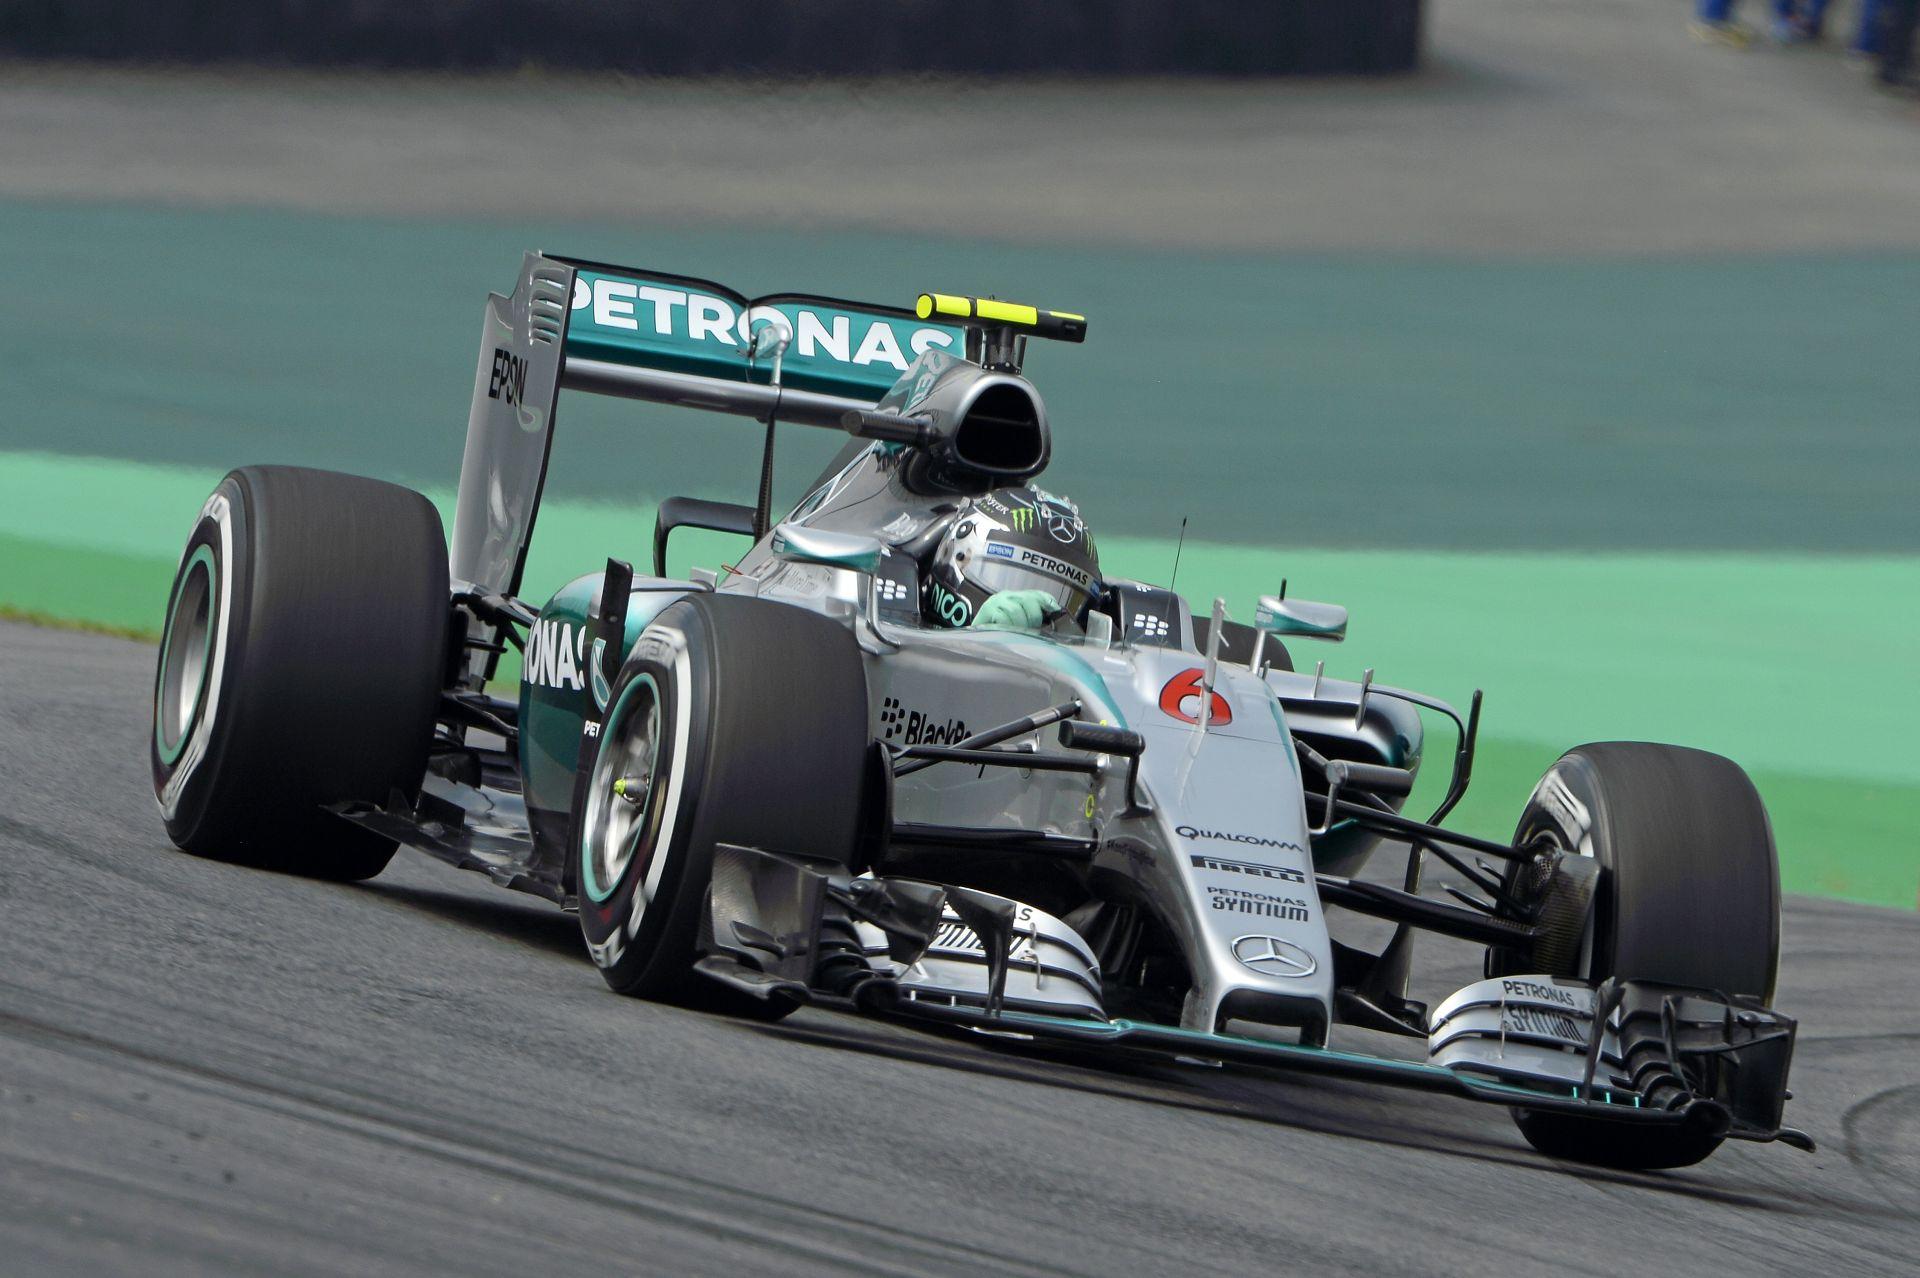 VIDEÓN a 2016-os F1-es Mercedes: pályán a W07